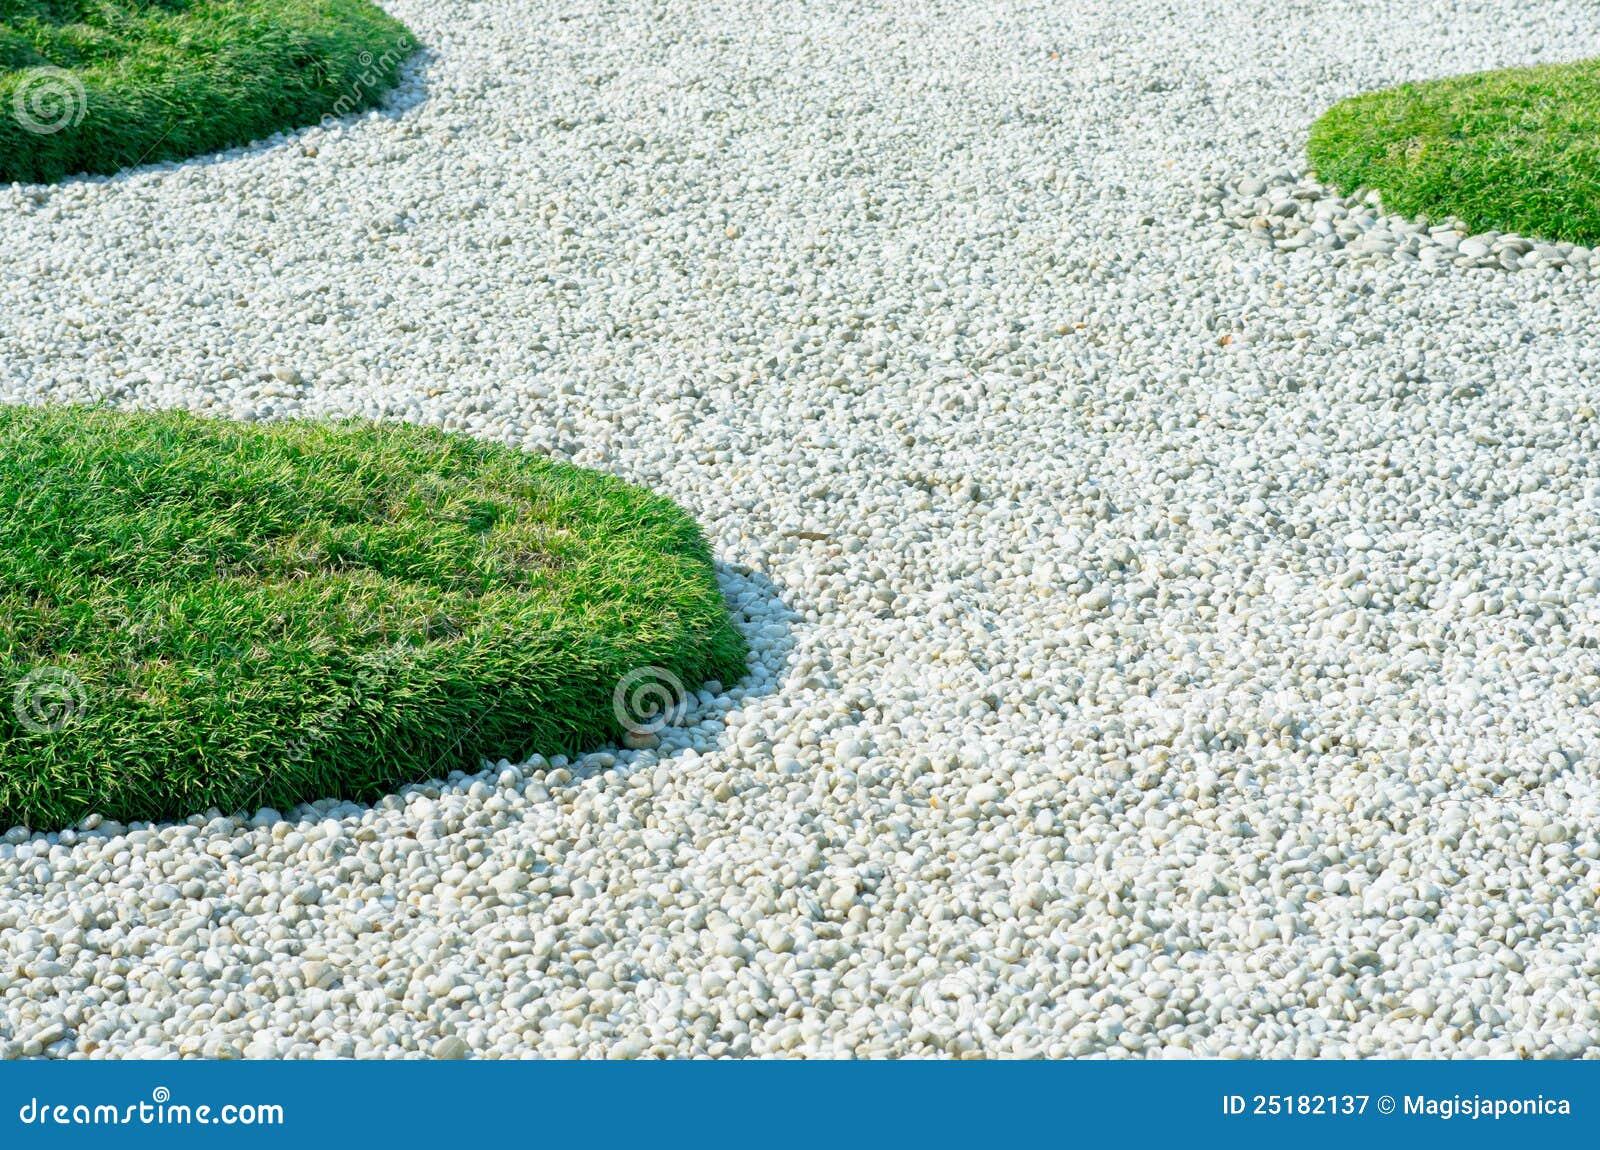 Ciottoli ed erba fotografia stock libera da diritti - Ciottoli bianchi da giardino ...